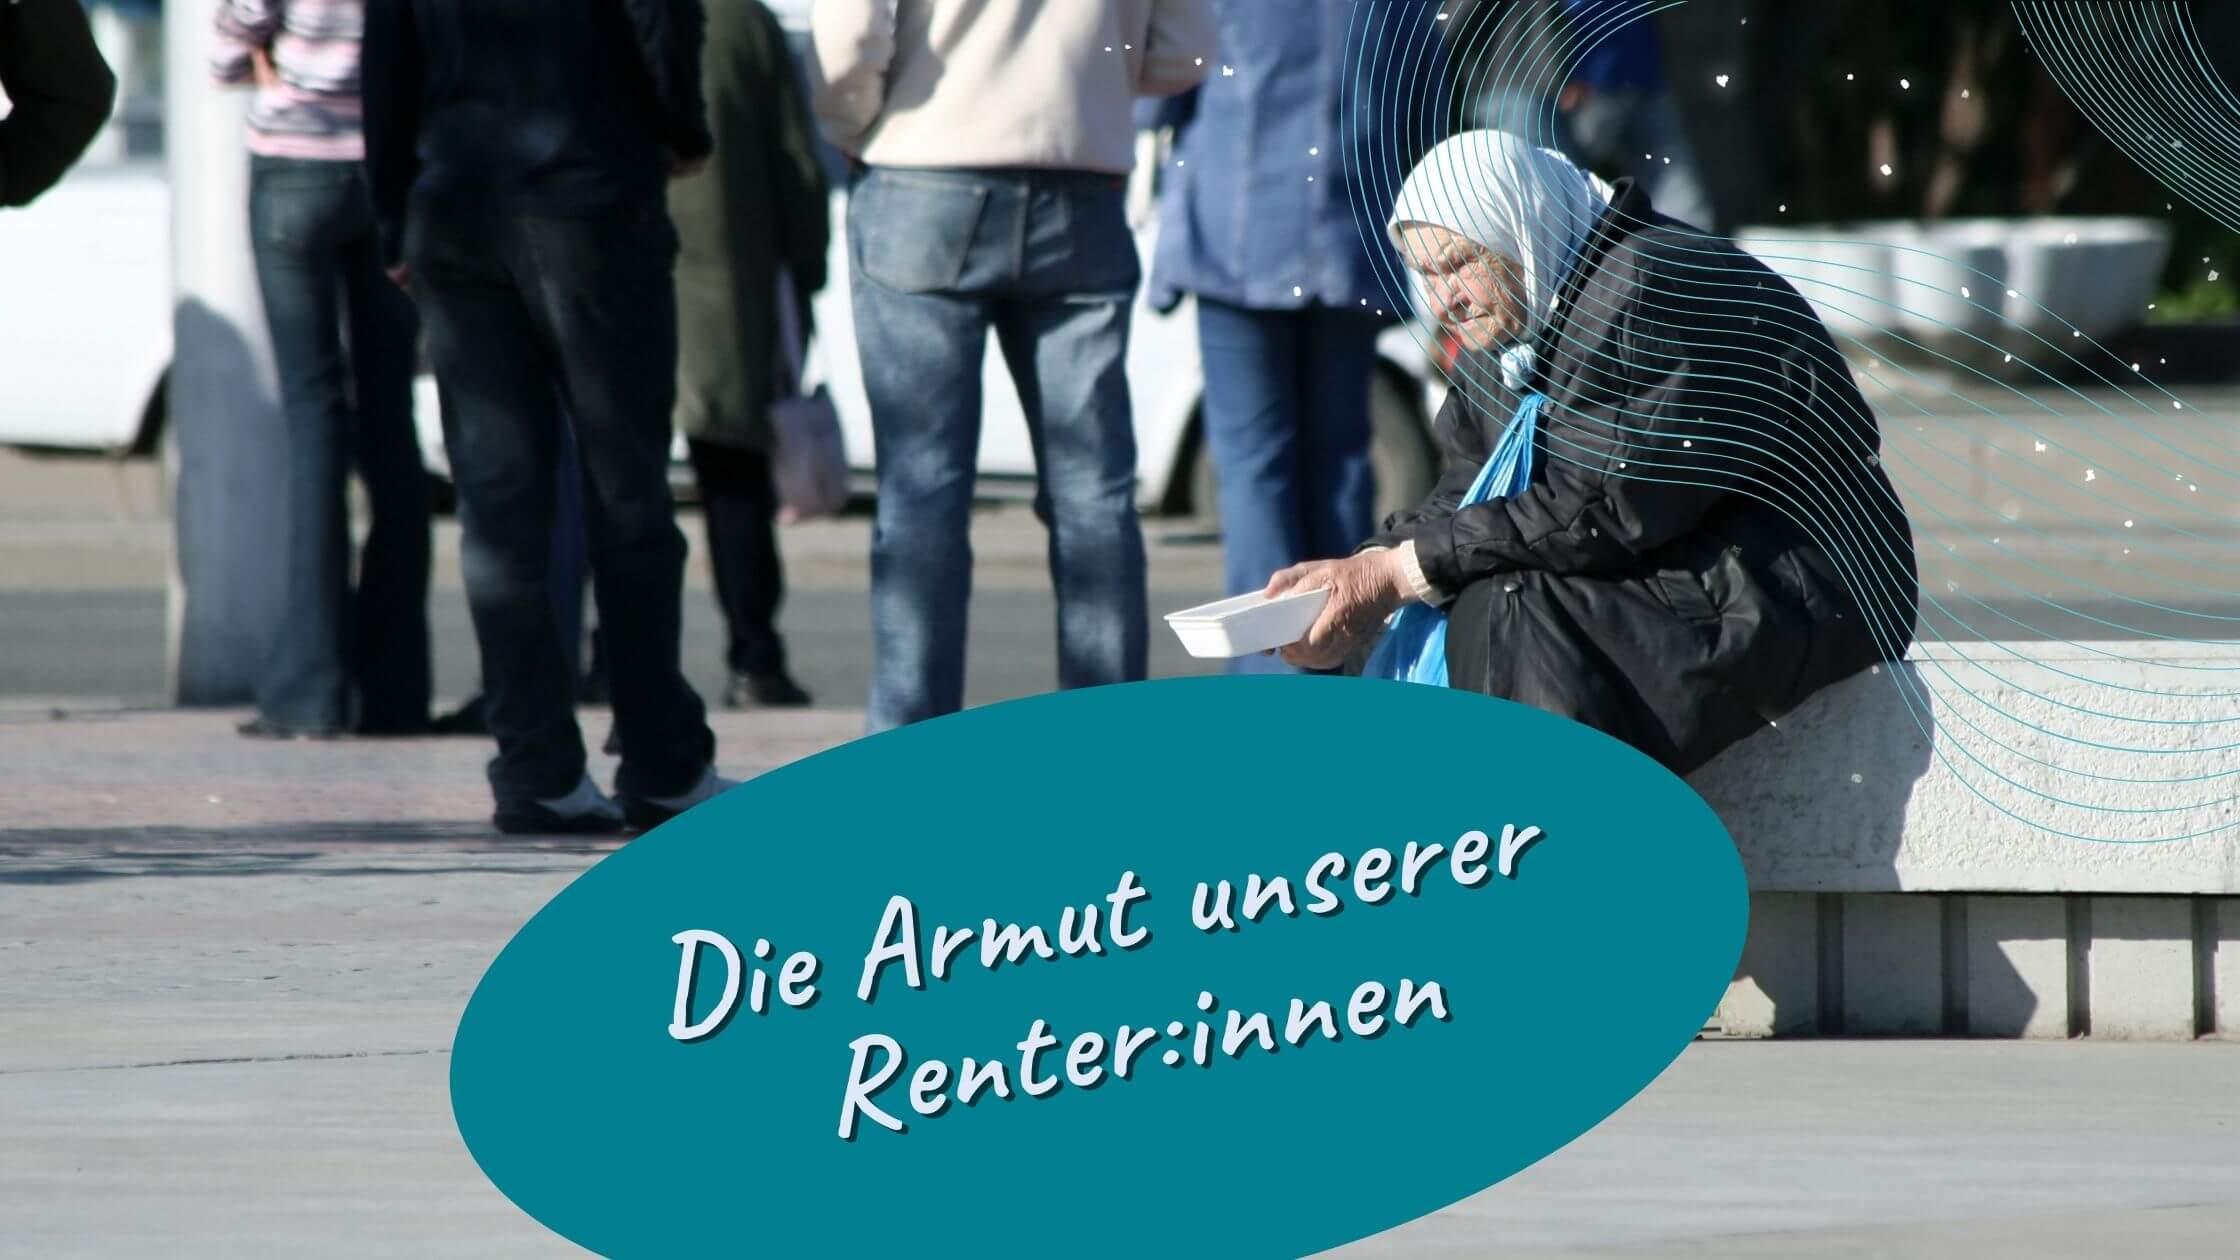 Warum werden Rentner:innen in deutschen Städten immer ärmer?